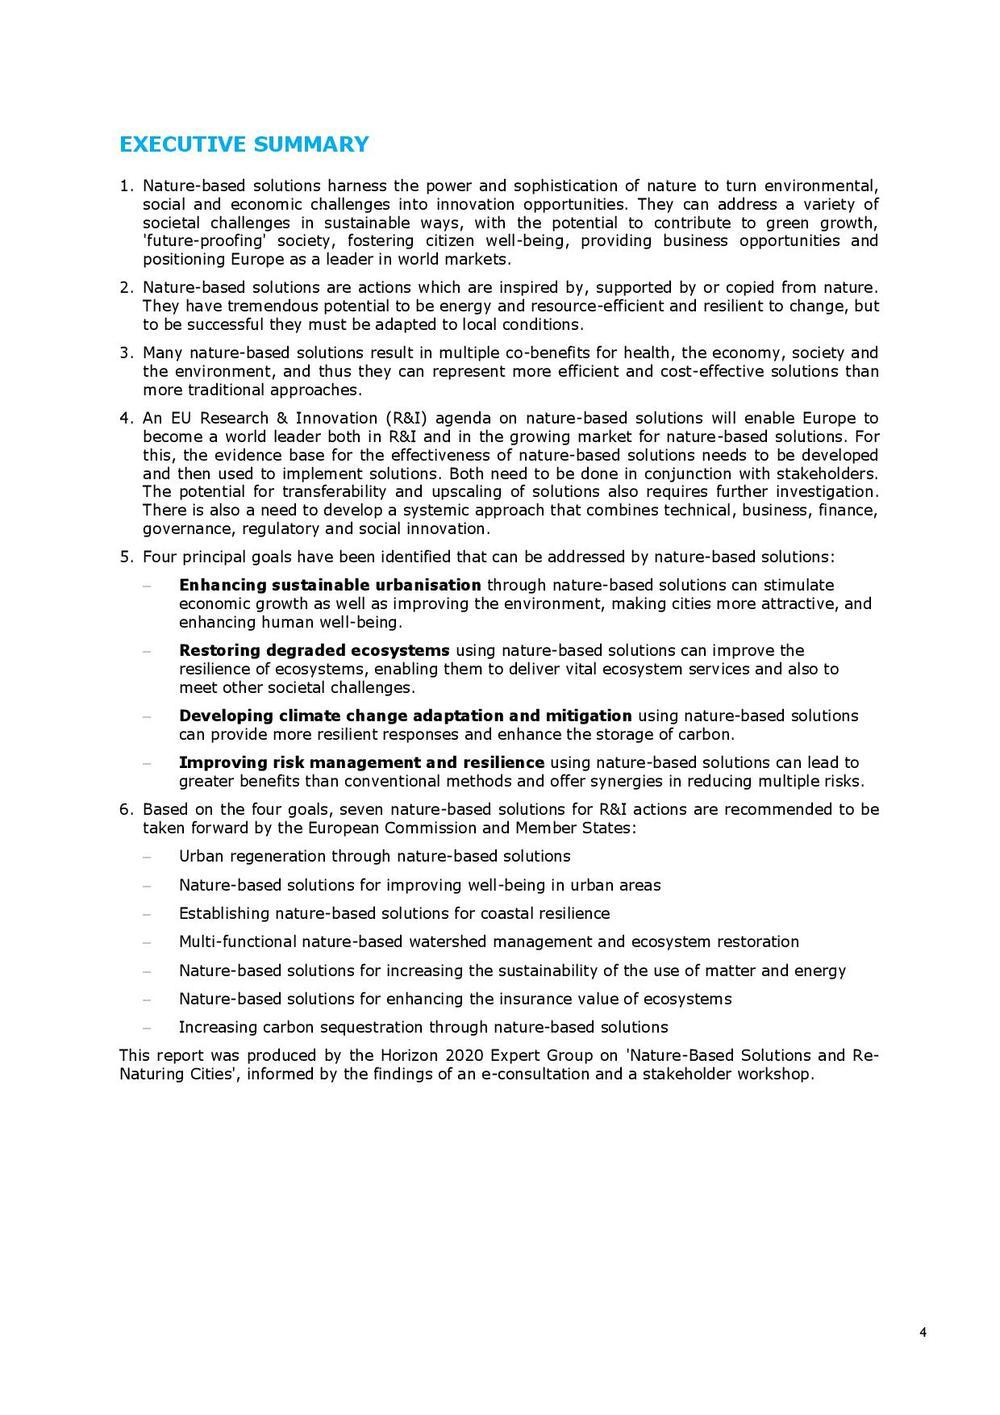 DG RTD_WEB-Publication A4_NBS_long_version_20150310-page-006.jpg